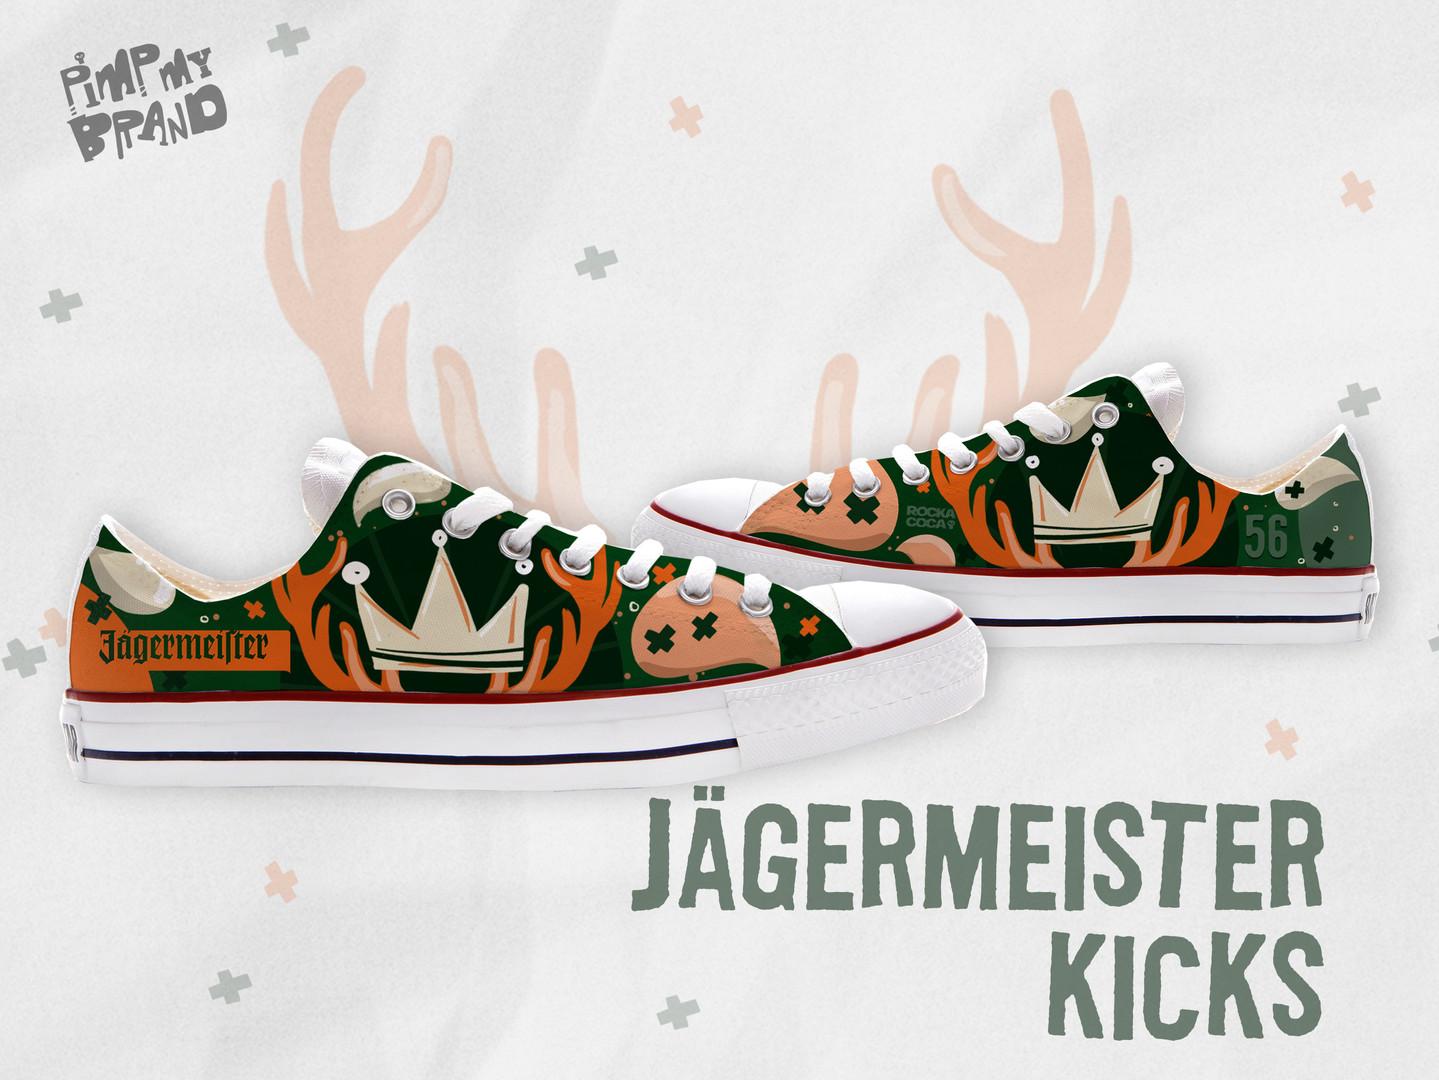 Jagermeister Kicks